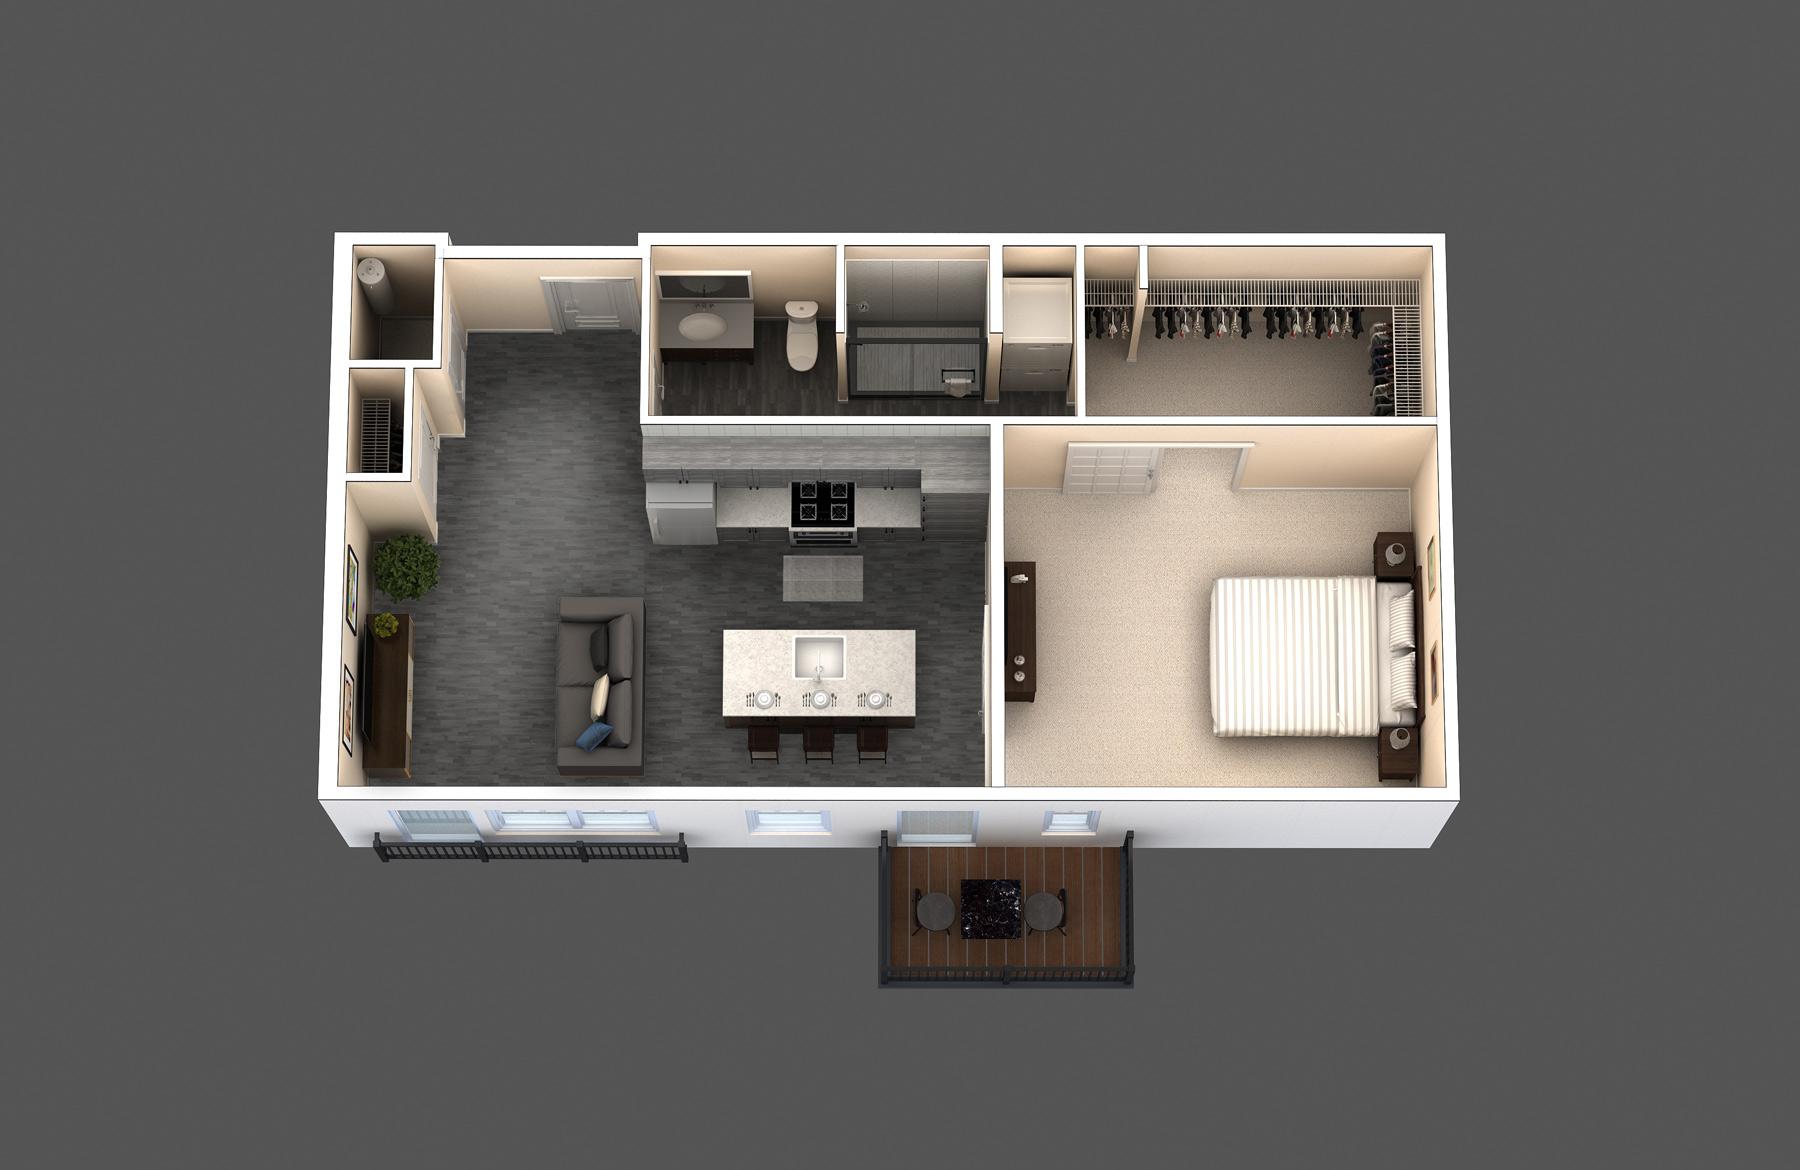 The Hyde floor plan